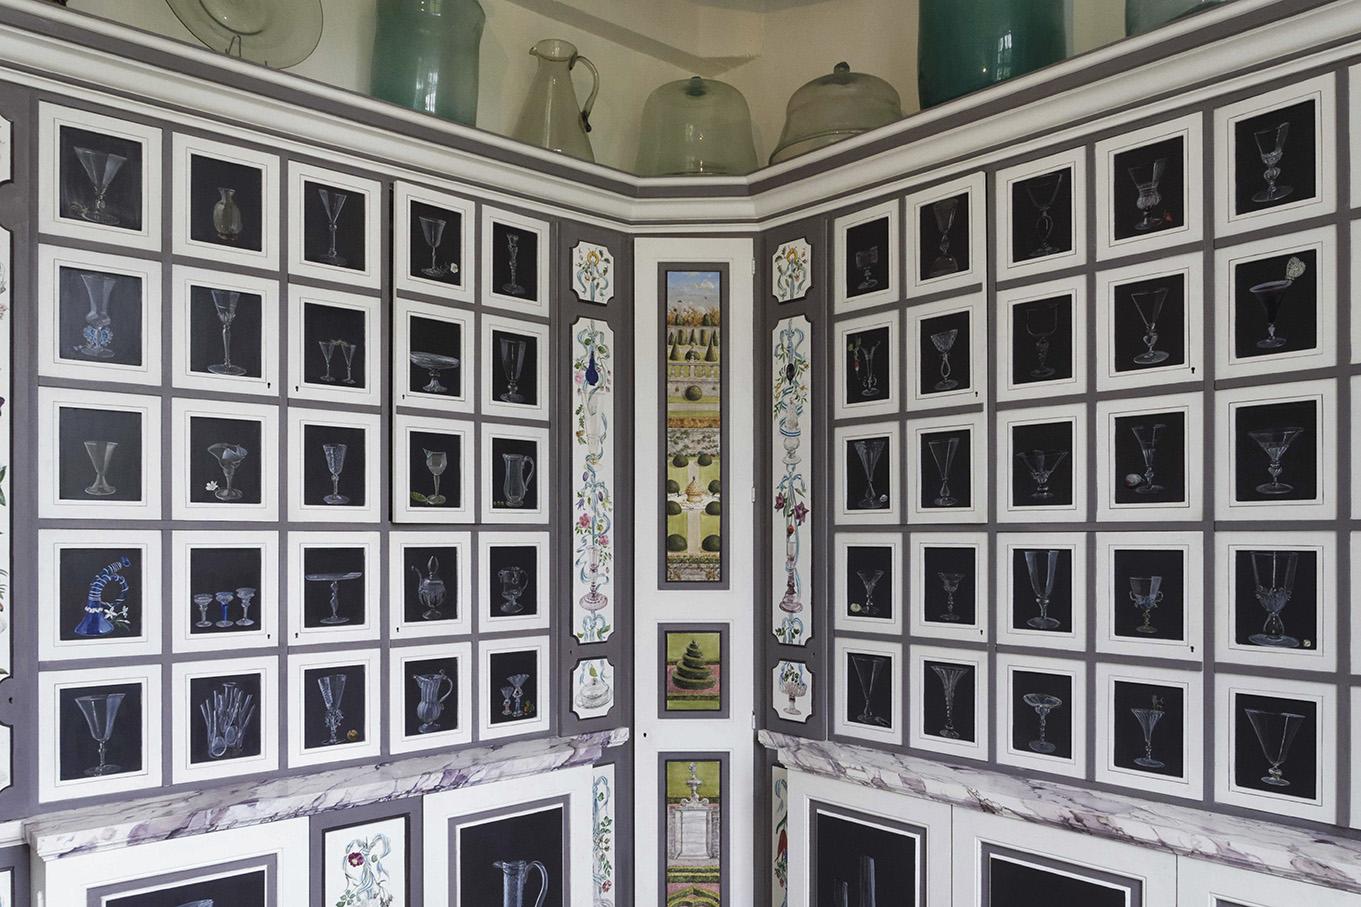 Vue d'ensemble du cabinet de boiserie abritant la collection de verres anciens de Barbara Wirth au château de Brécy.